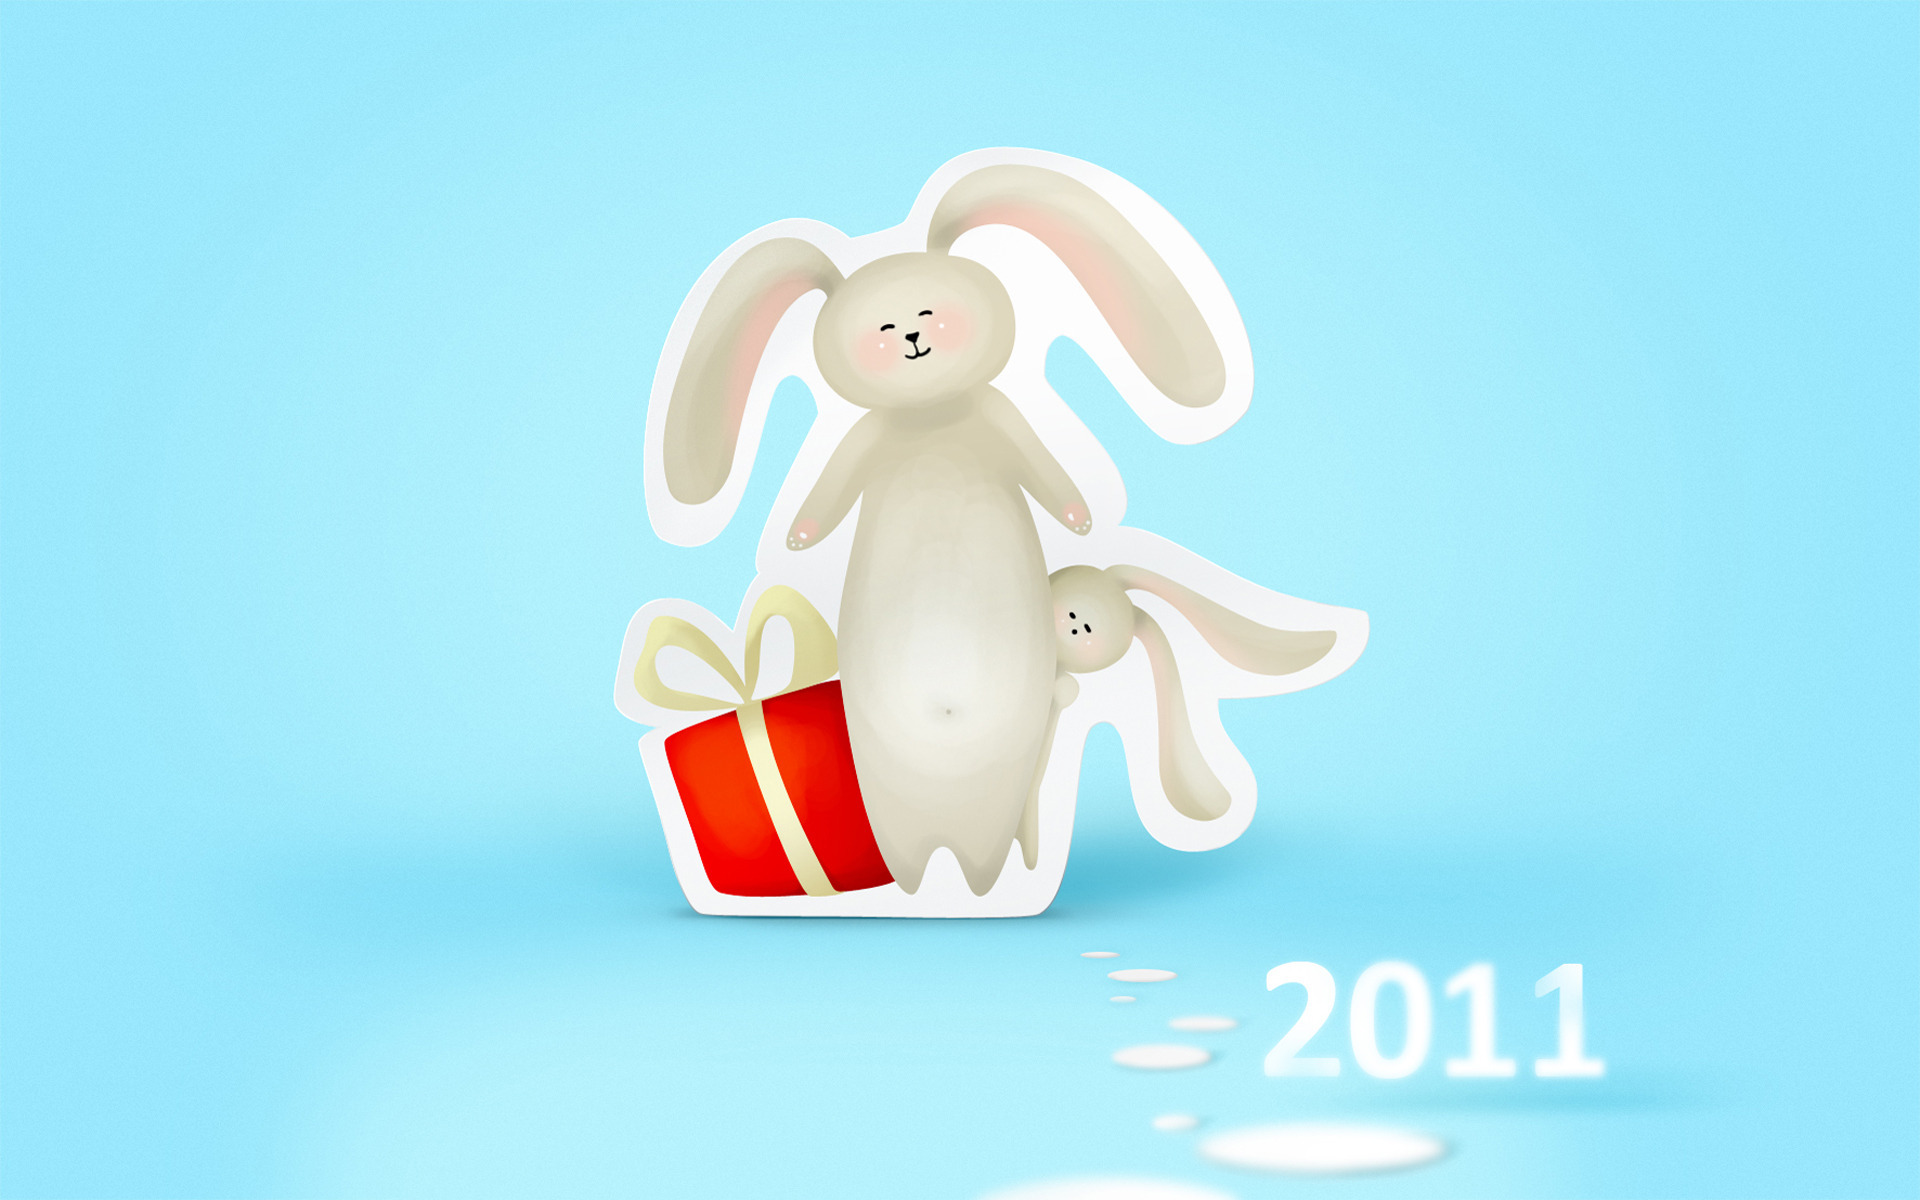 Открытка новому году 2011, картинки лето